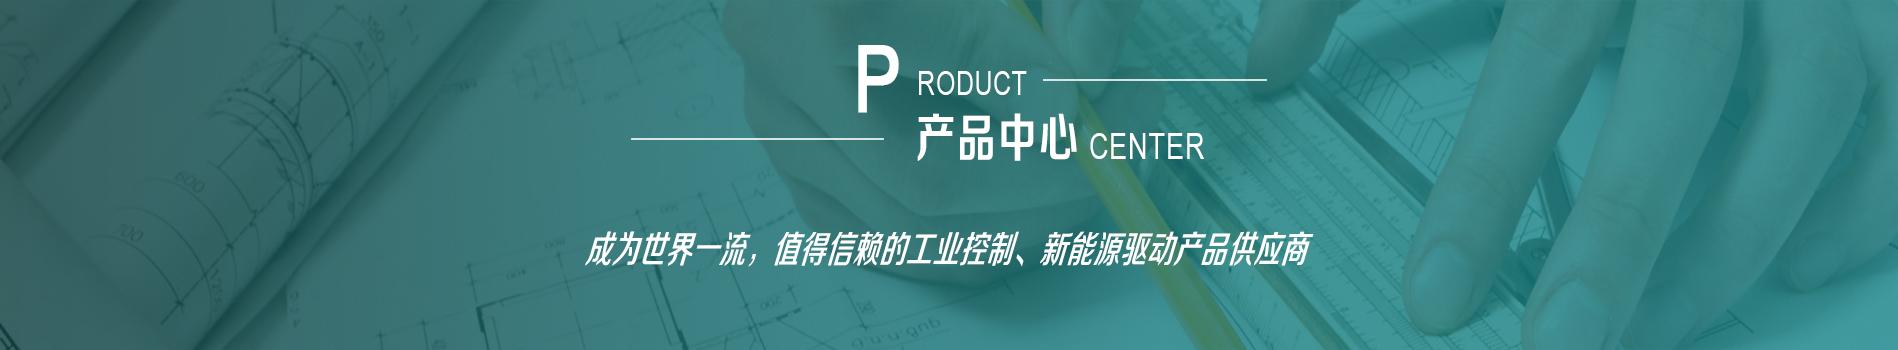 beplay网页版登录产品